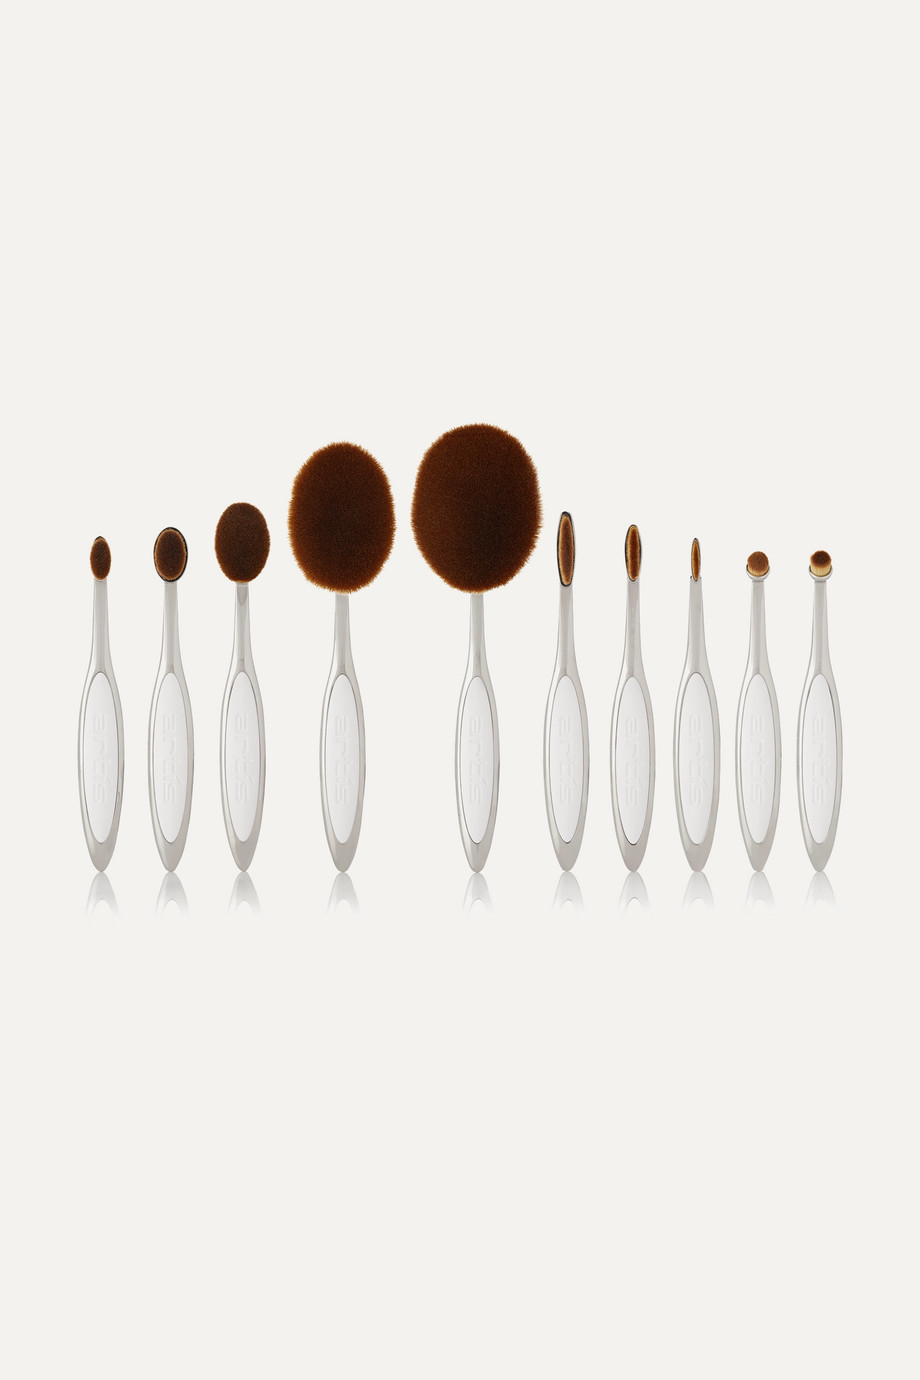 Artis Brush Next Generation Elite Mirror 10 Brush Set